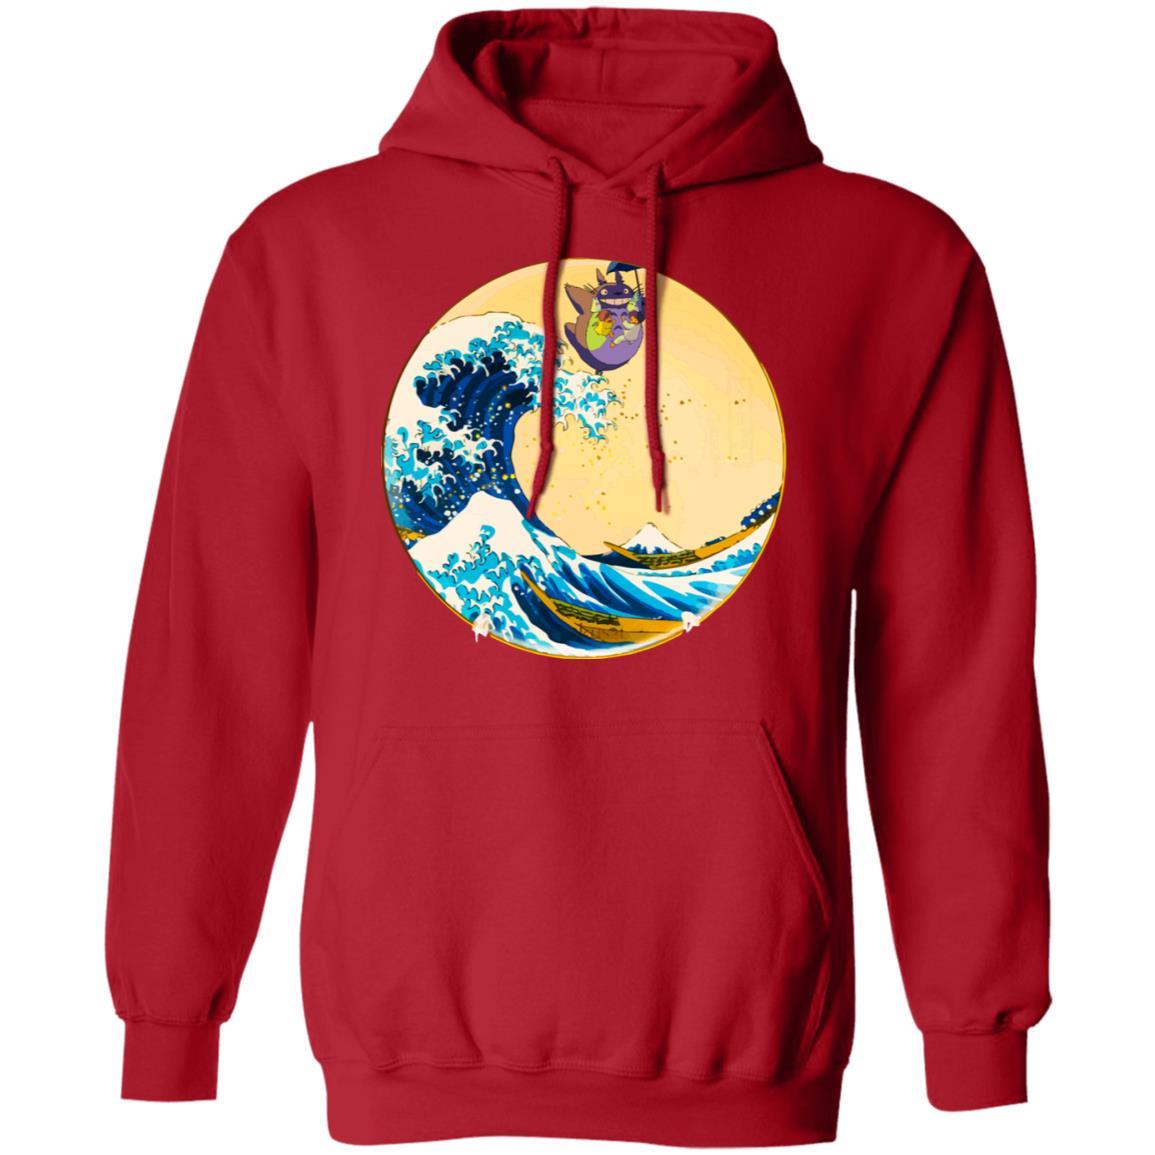 Totoro On The Waves Hoodie Unisex